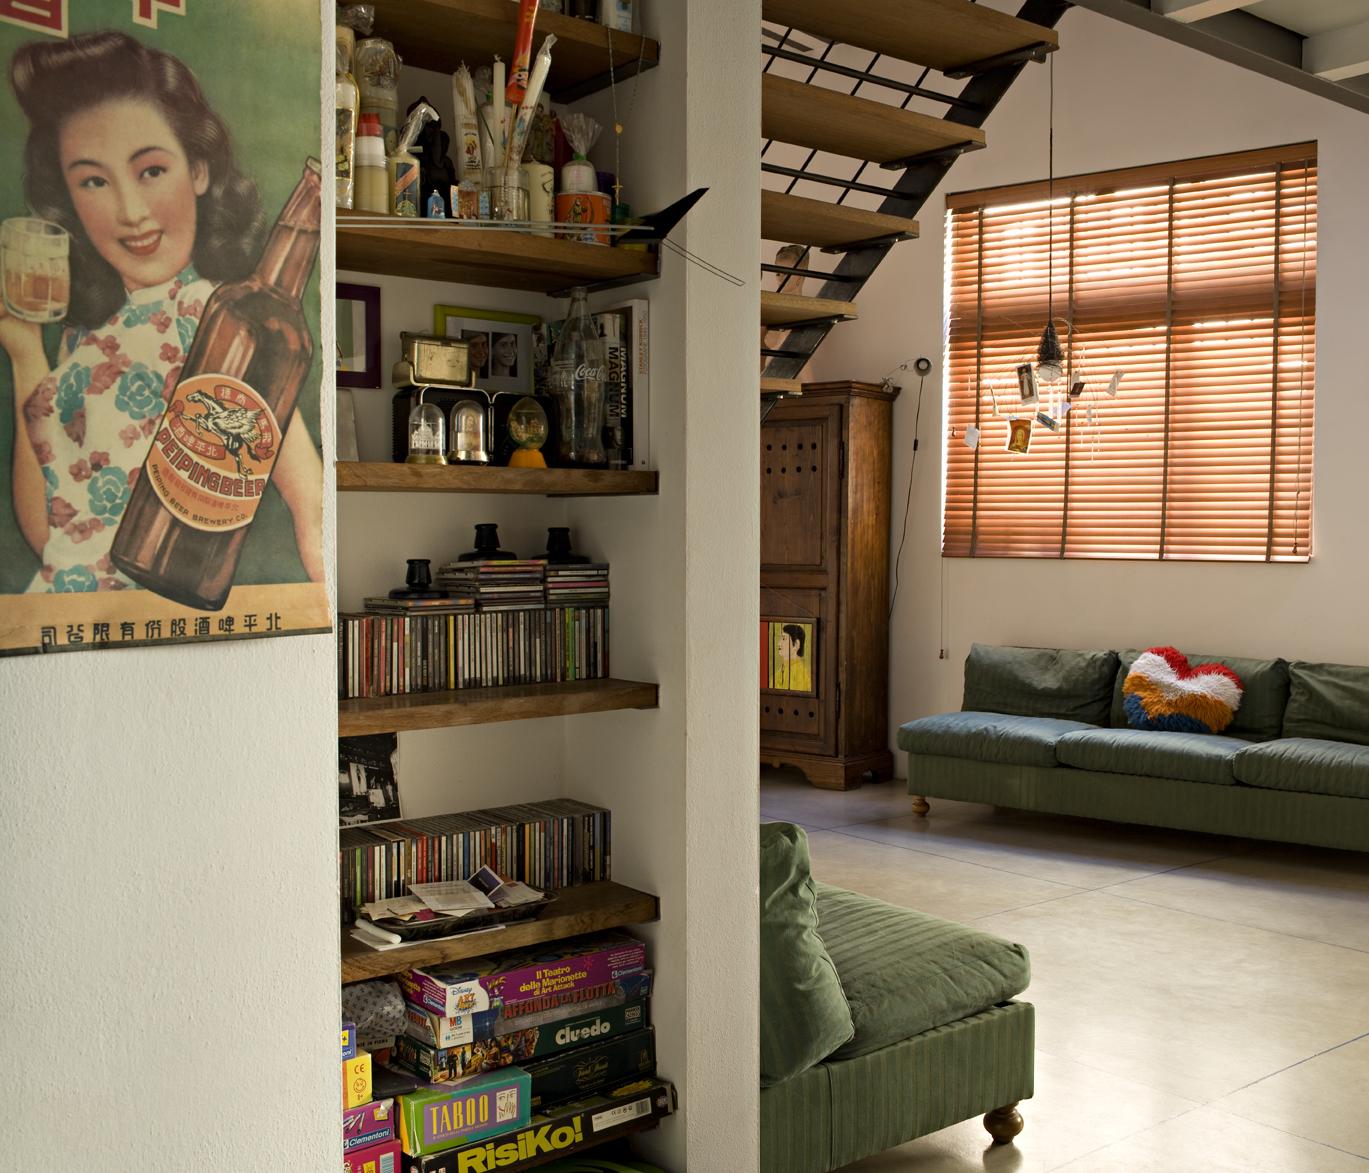 Un loft in stile vintage con soppalco casa luce for Oggetti vintage per casa